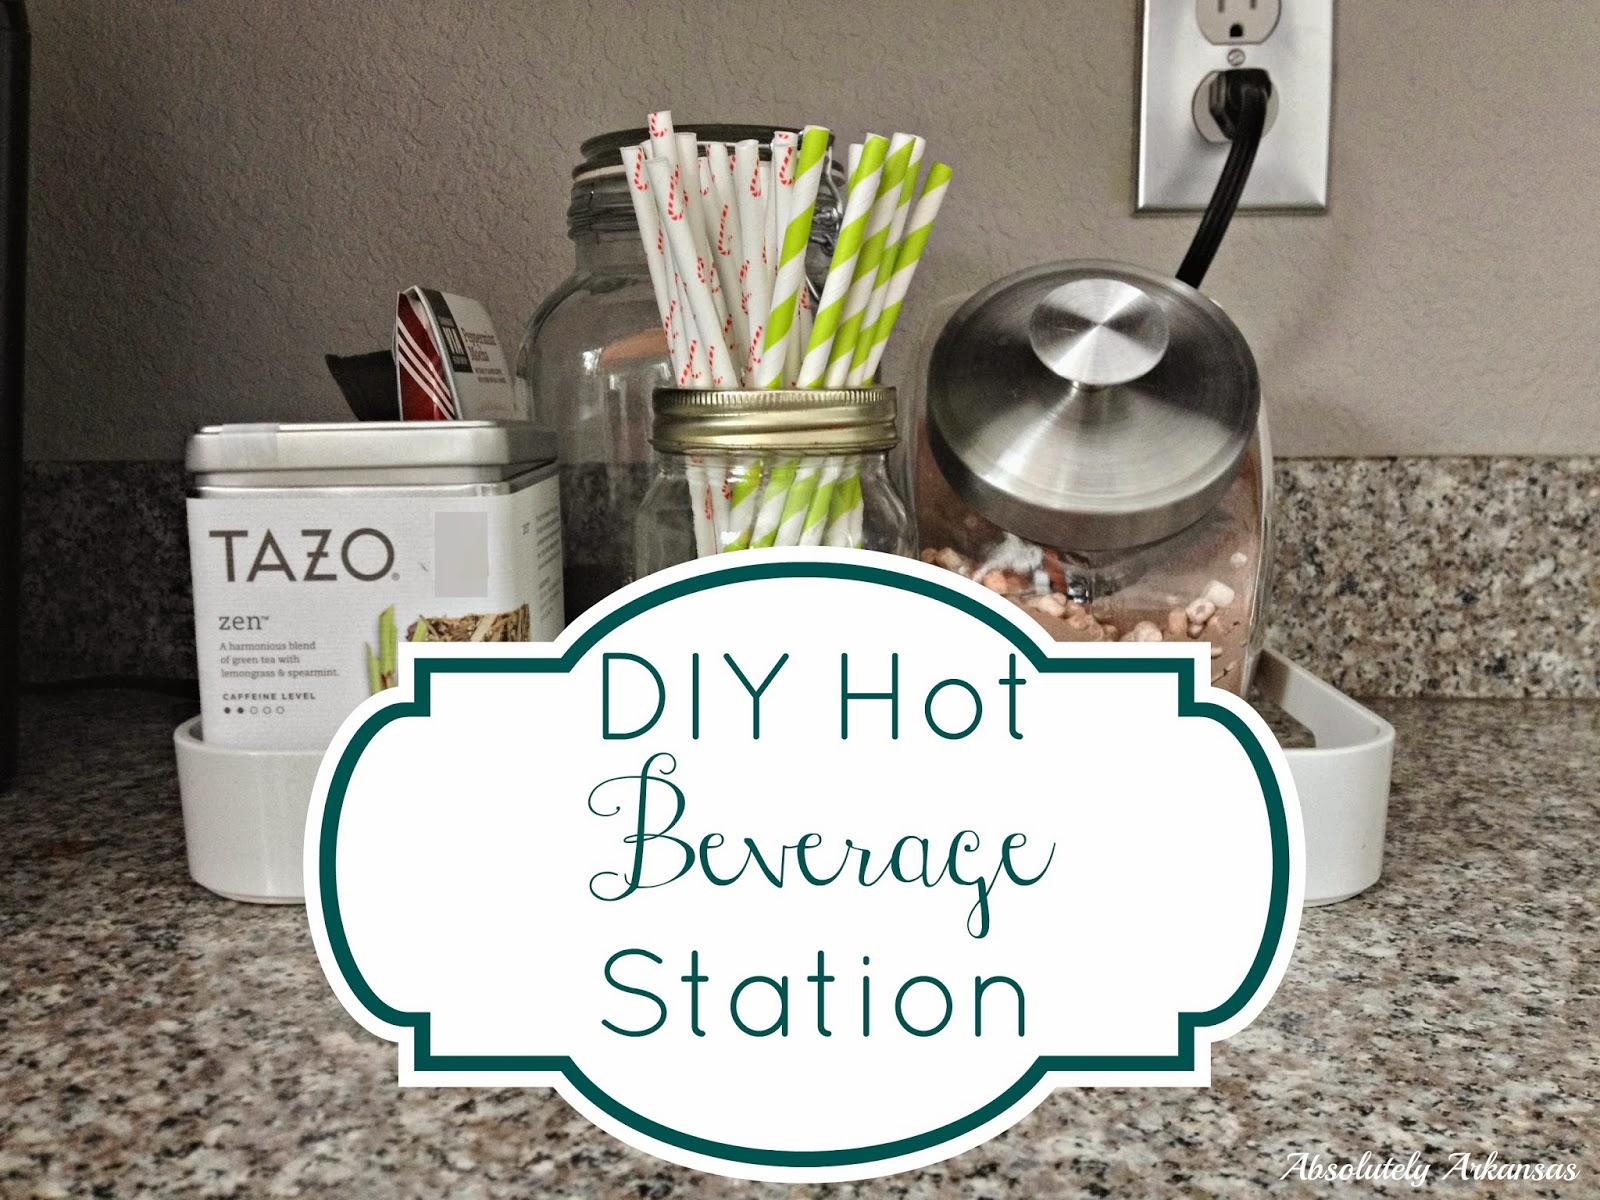 Rose & Co Blog: Hot Beverage Station